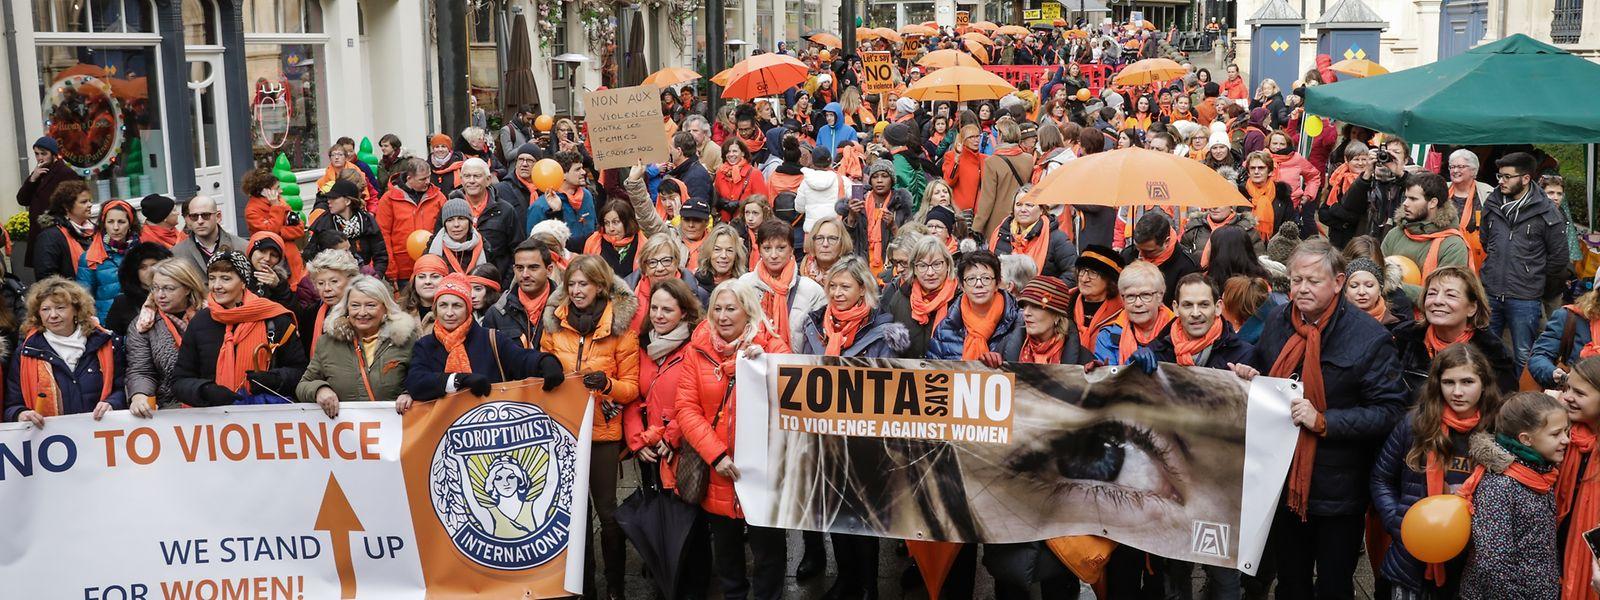 Marée orange devant la Chambre des députés